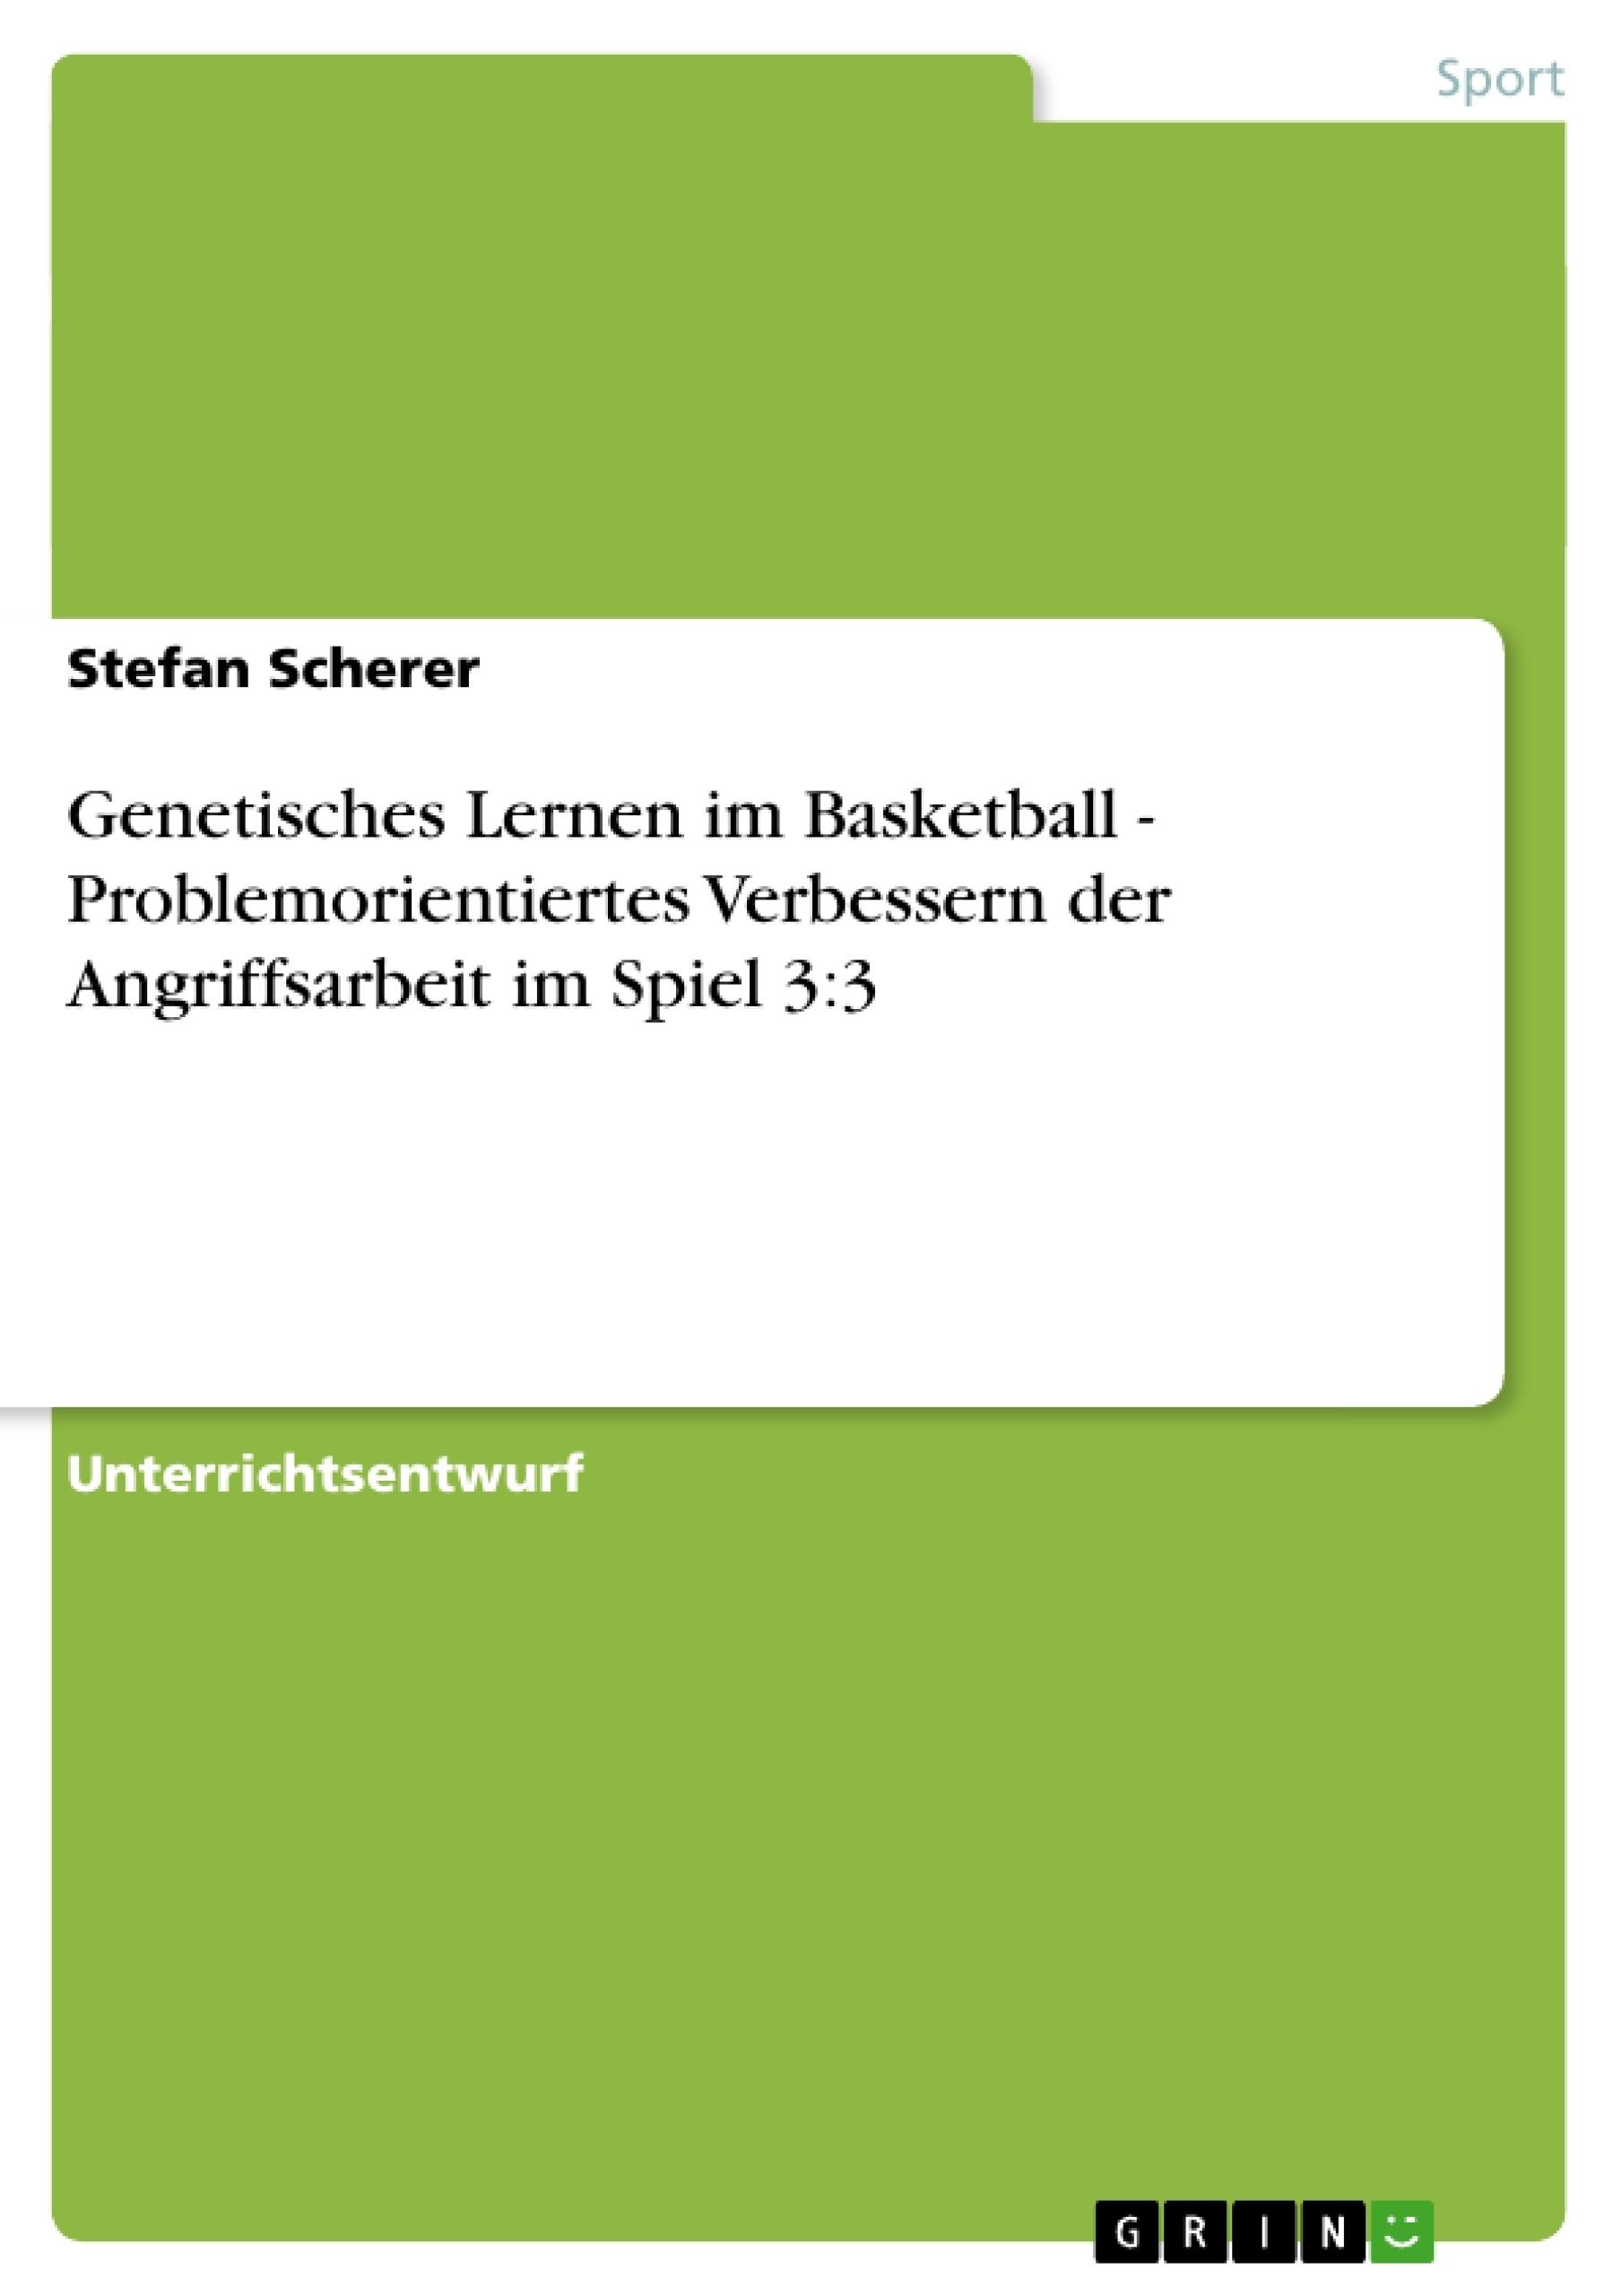 Titel: Genetisches Lernen im Basketball - Problemorientiertes Verbessern der Angriffsarbeit im Spiel 3:3